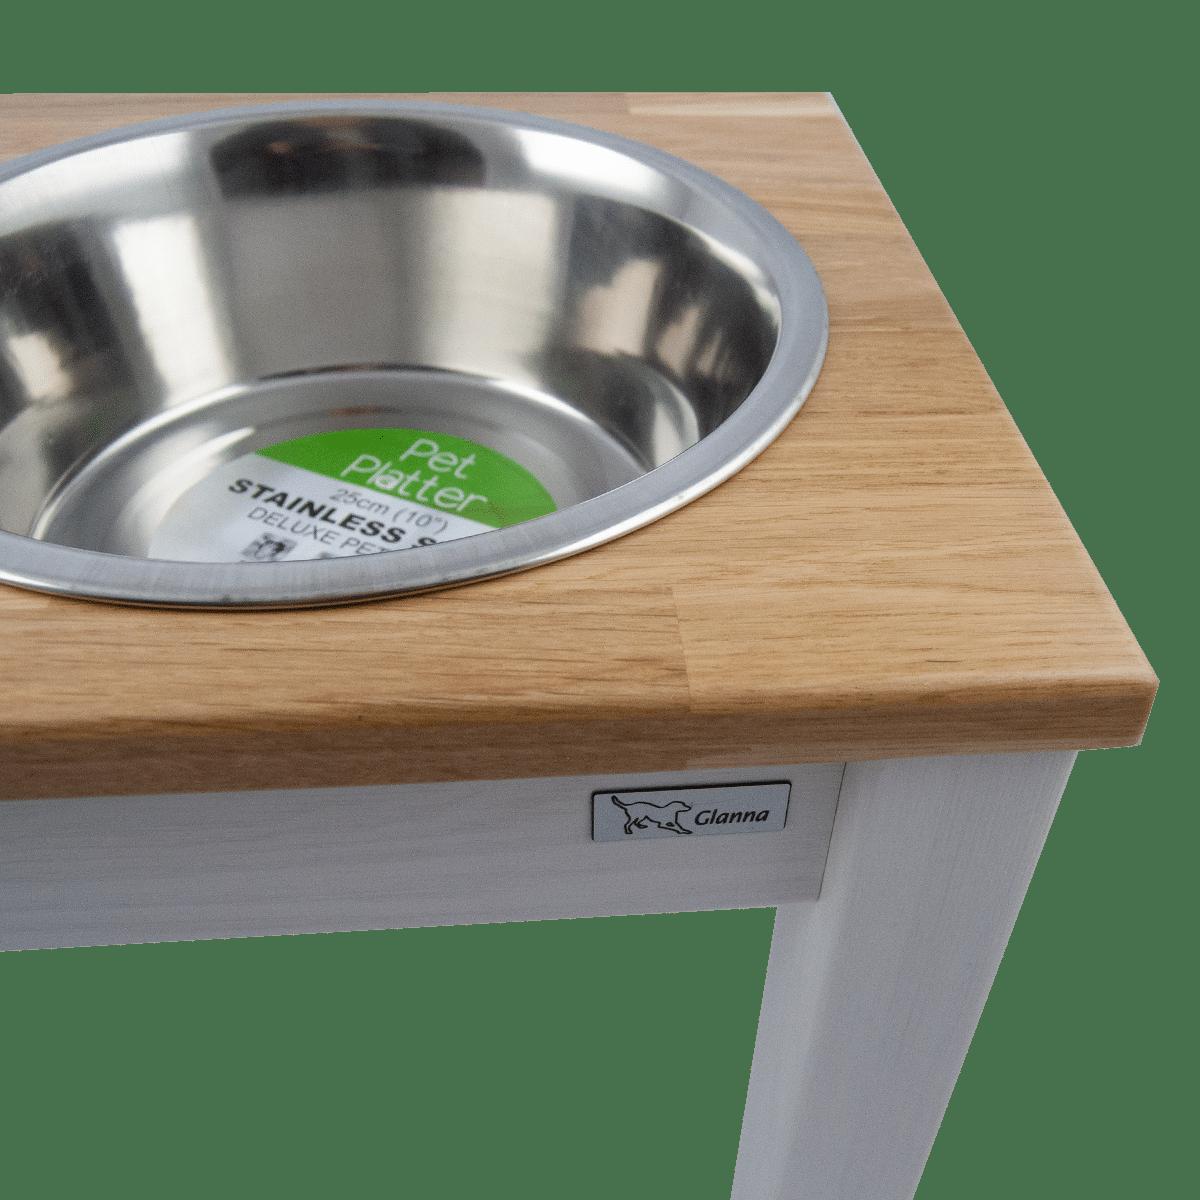 Snygg matbar till hunden- snygg inredningsdetalj